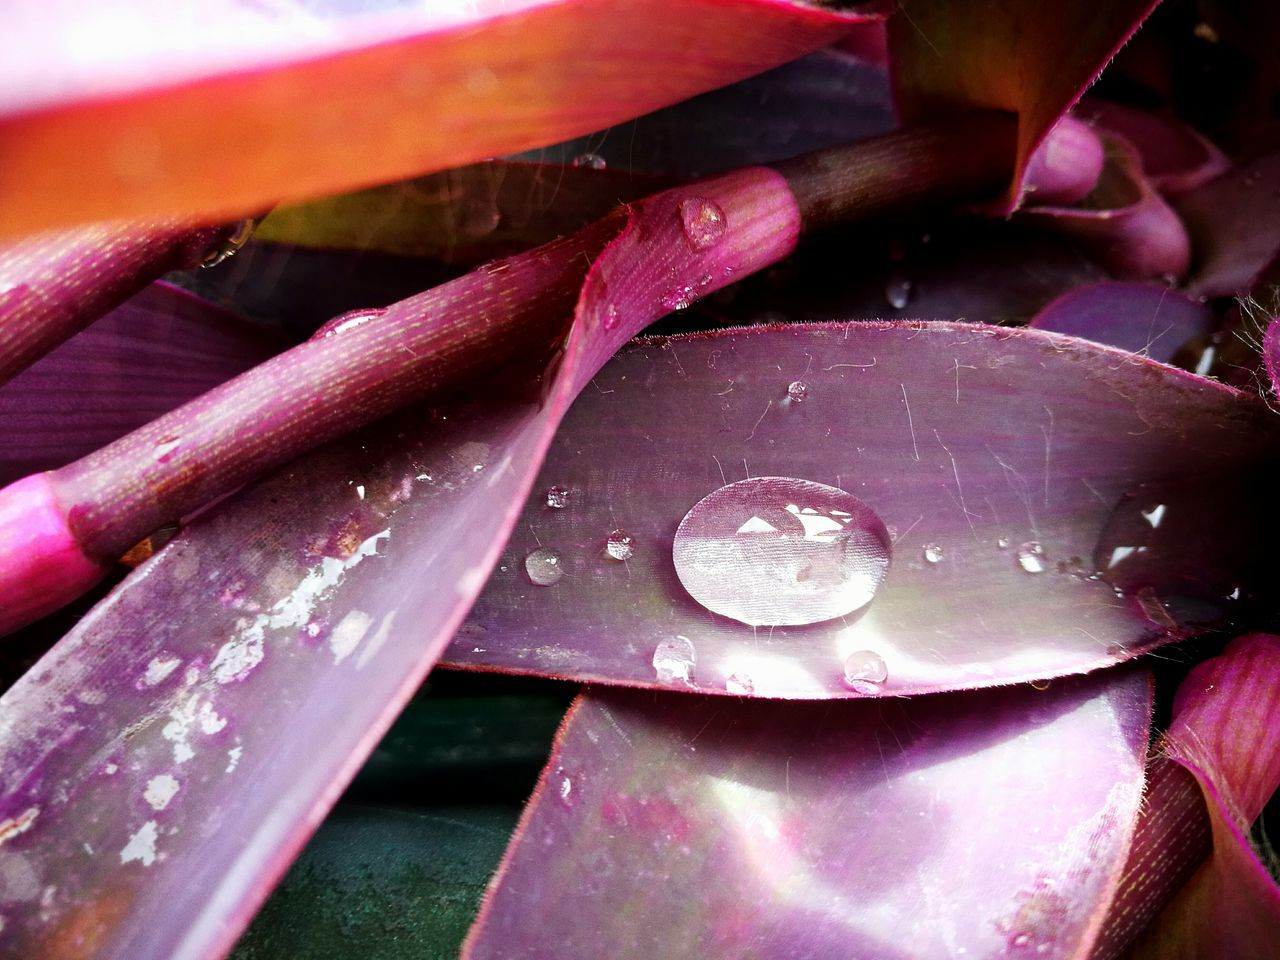 Pink Color Plant Plants 🌱 Plant Photography Plants Collection Gocce Gocce D'acqua Gocce Di Pioggia Goccedipioggia  Goccediacqua